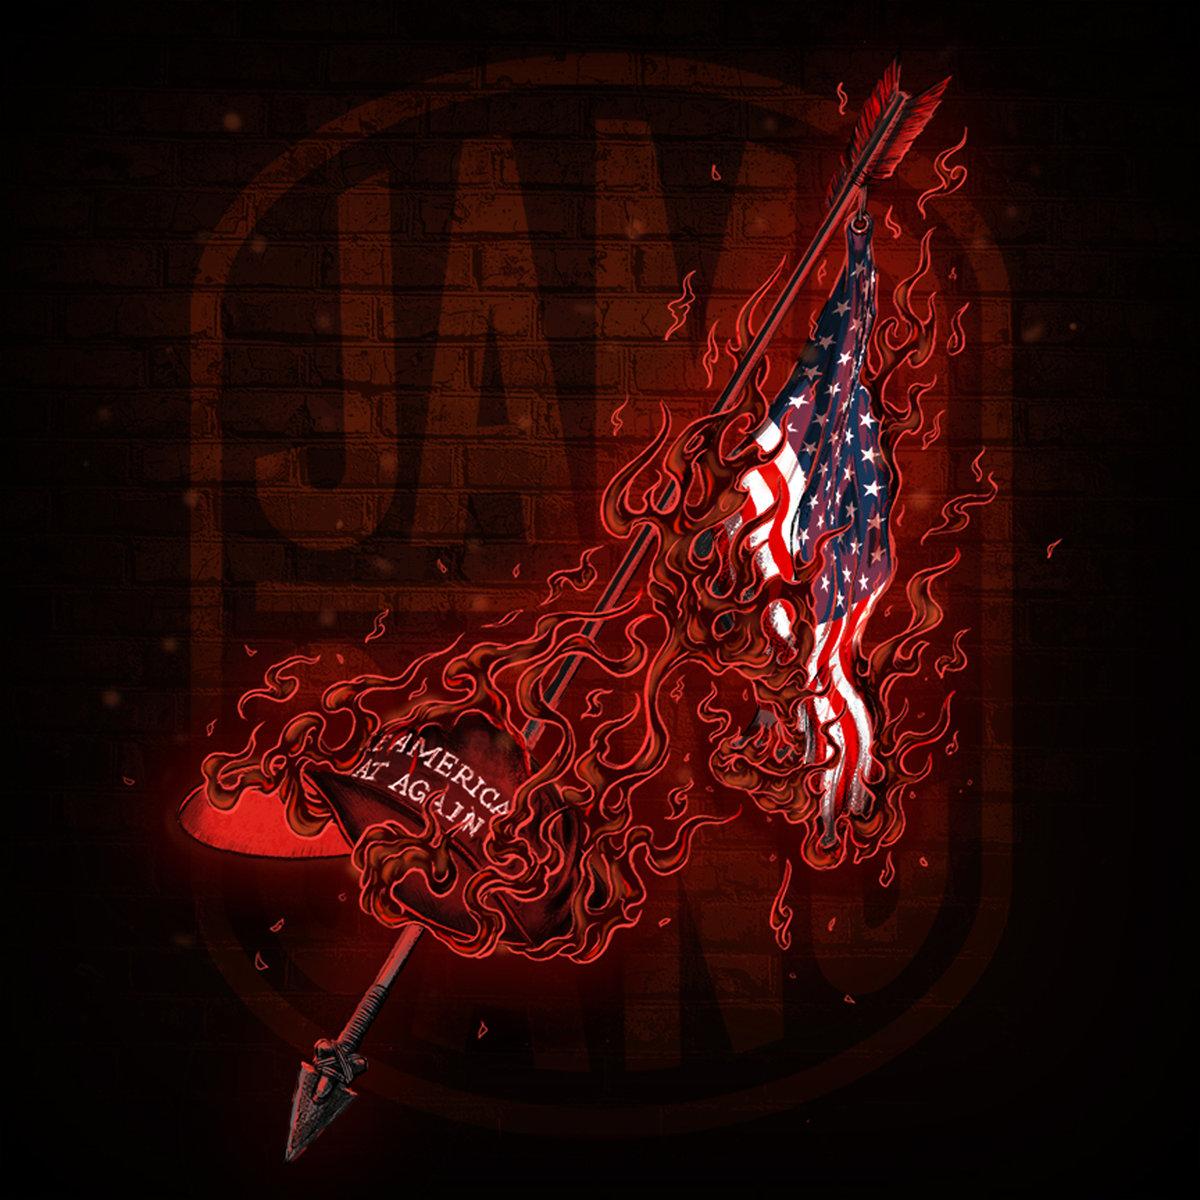 Jamo Gang (J57, Ras Kass & El Gant) вернулись с новым синглом «Francis Scott Key»